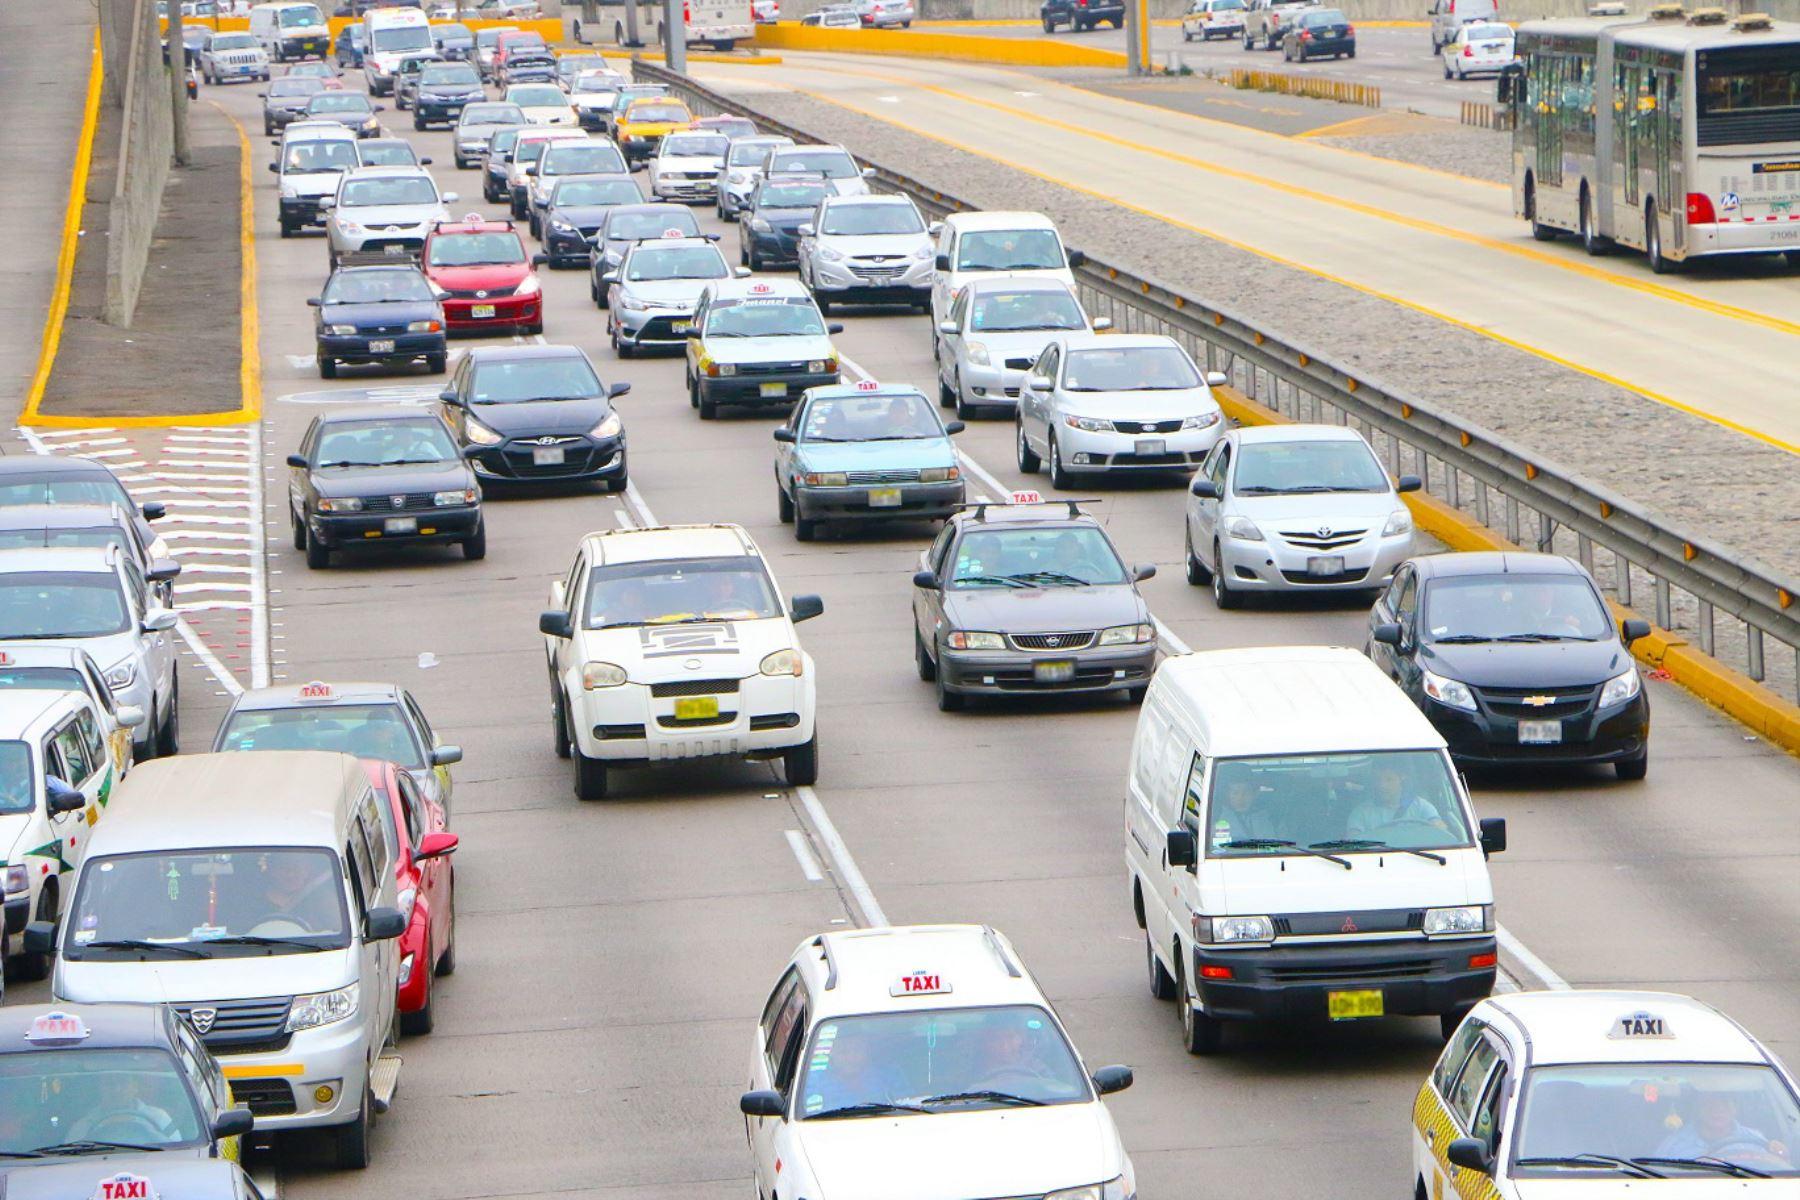 Modificaciones a características de vehículos deben ser registradas ante Sunarp. Foto: Andina/Difusión